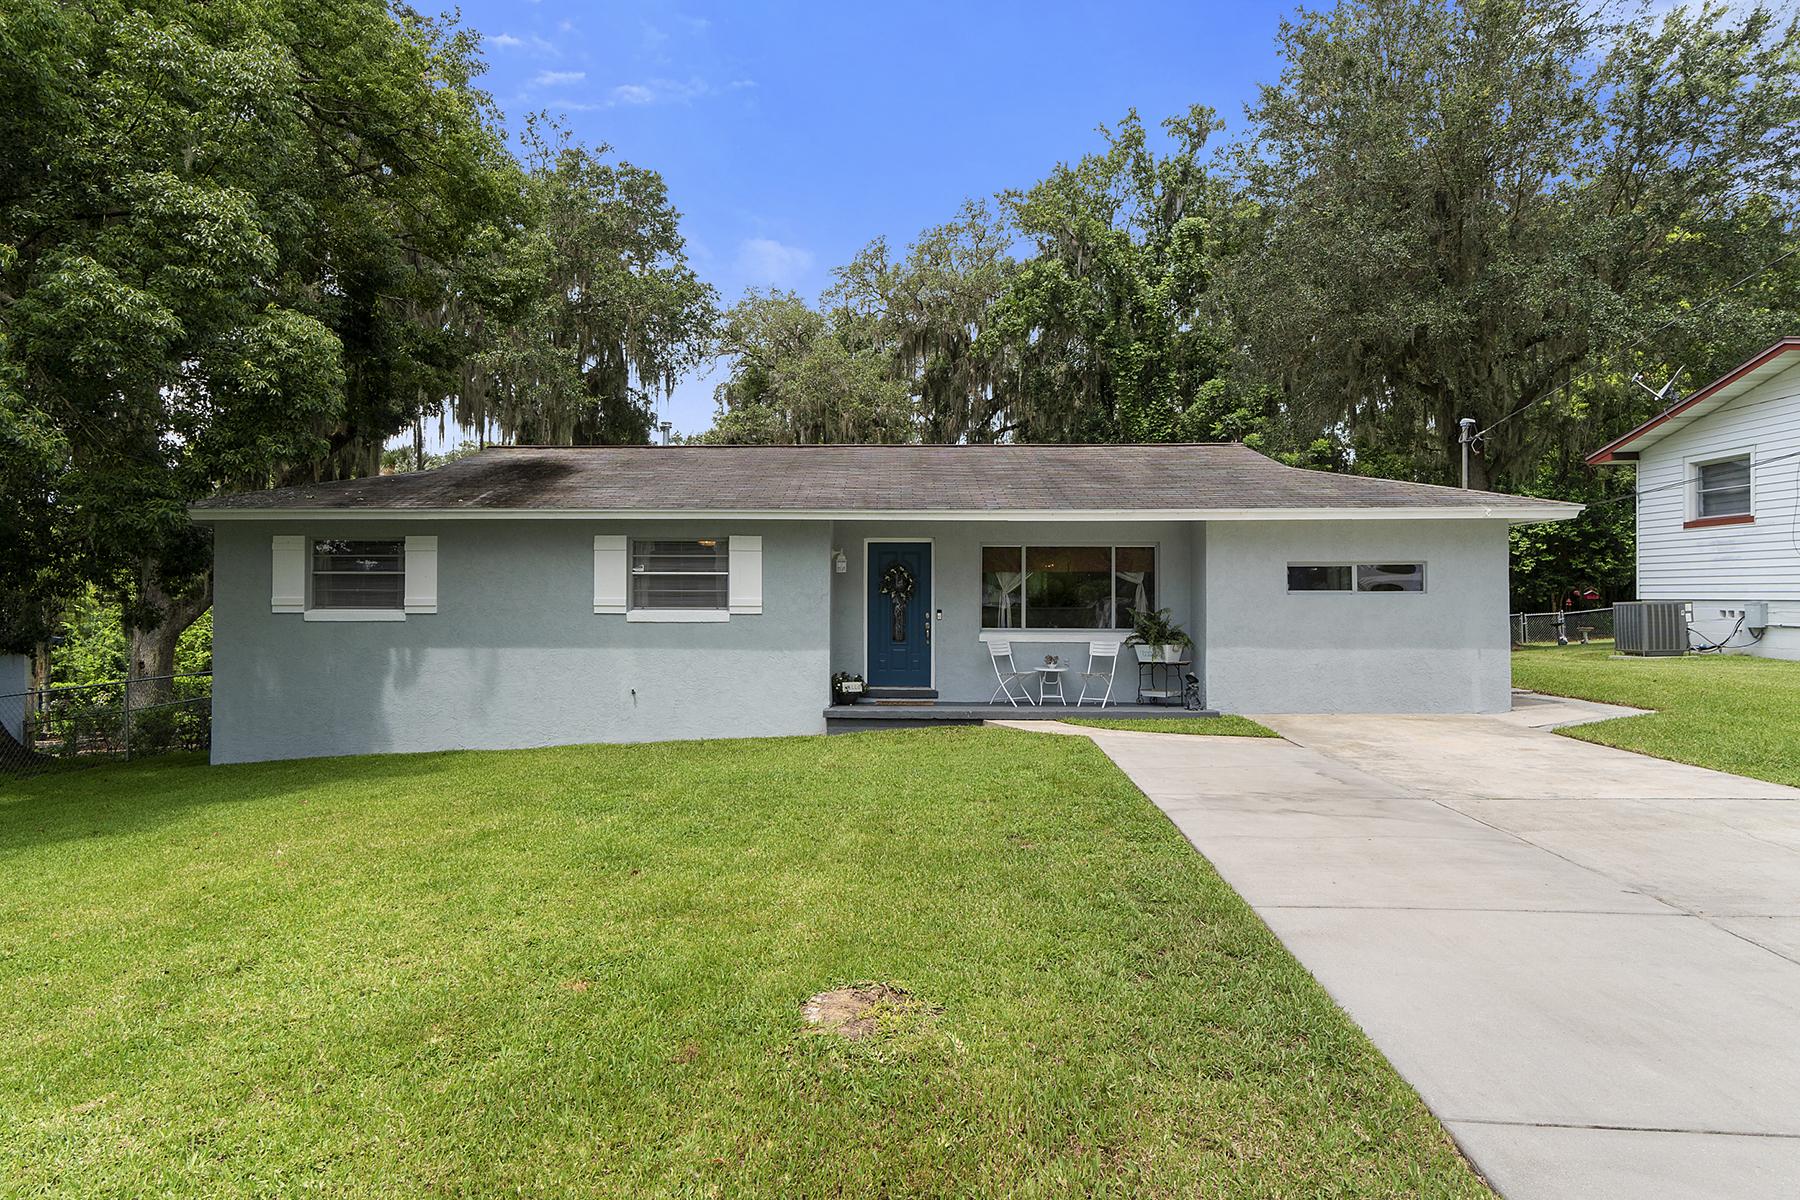 Single Family Homes für Verkauf beim OCALA 1428 Se 9th Ave, Ocala, Florida 34471 Vereinigte Staaten